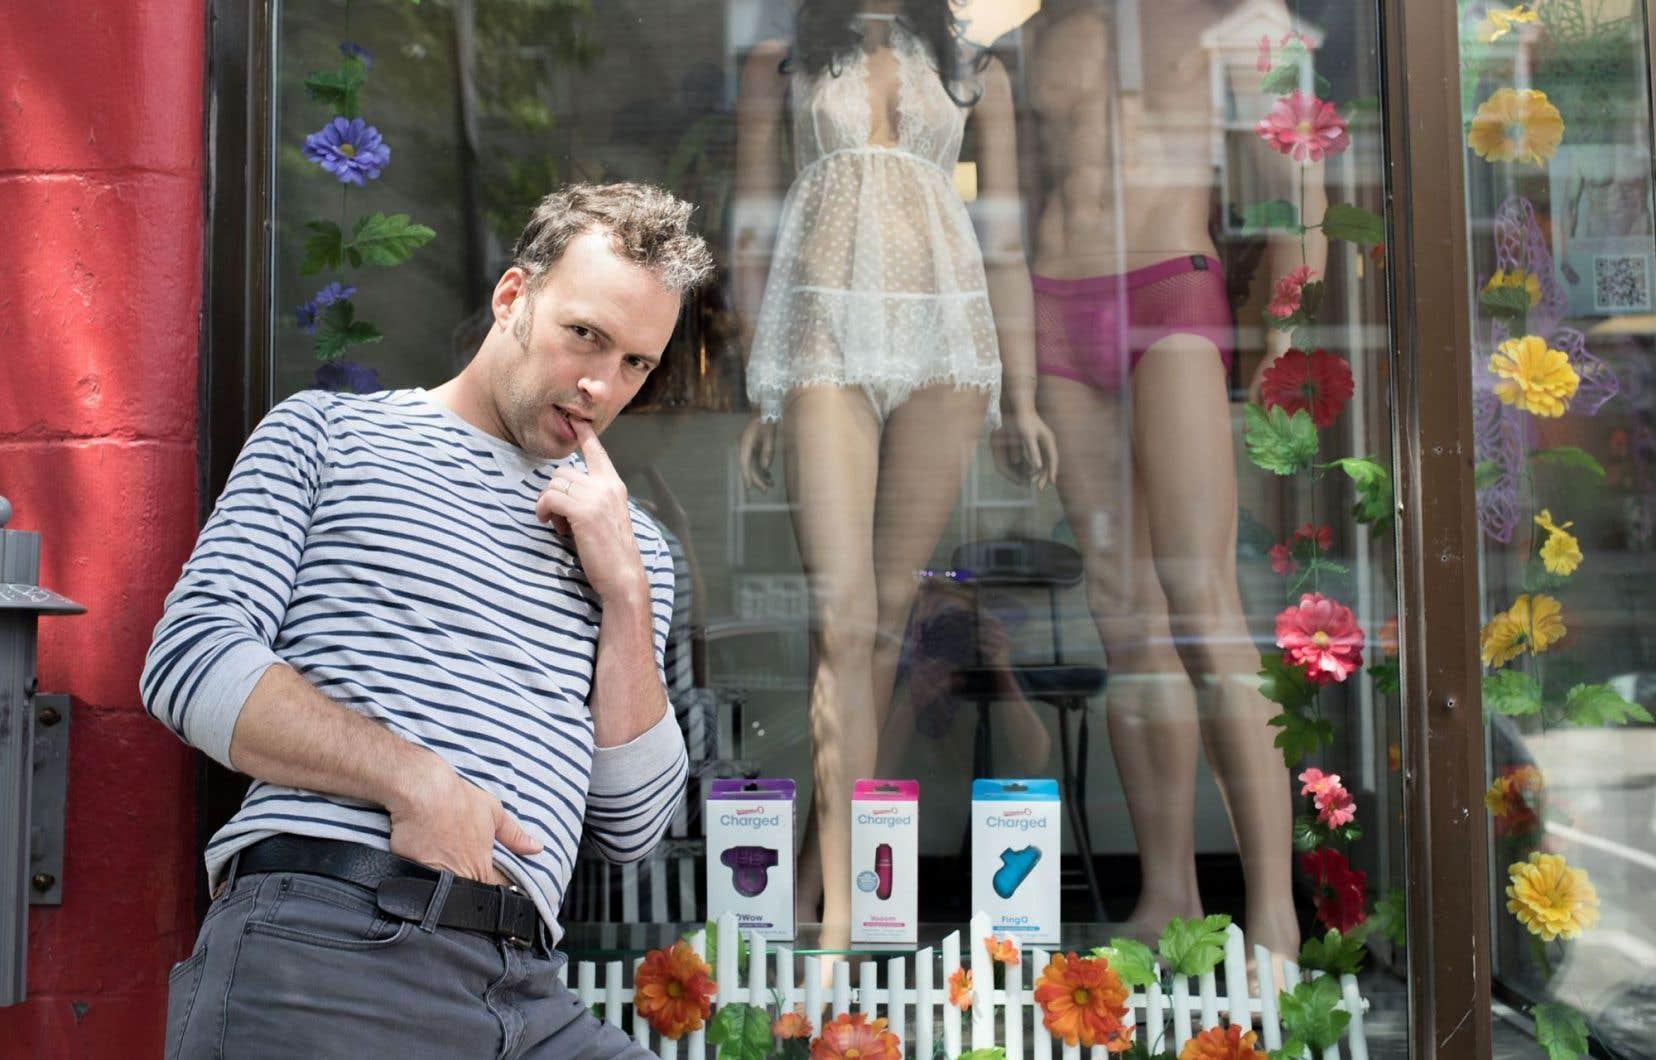 Mathieu Quesnel animera le Cabaret érotique du Zoofest les 11, 12, 19 et 20 juillet.